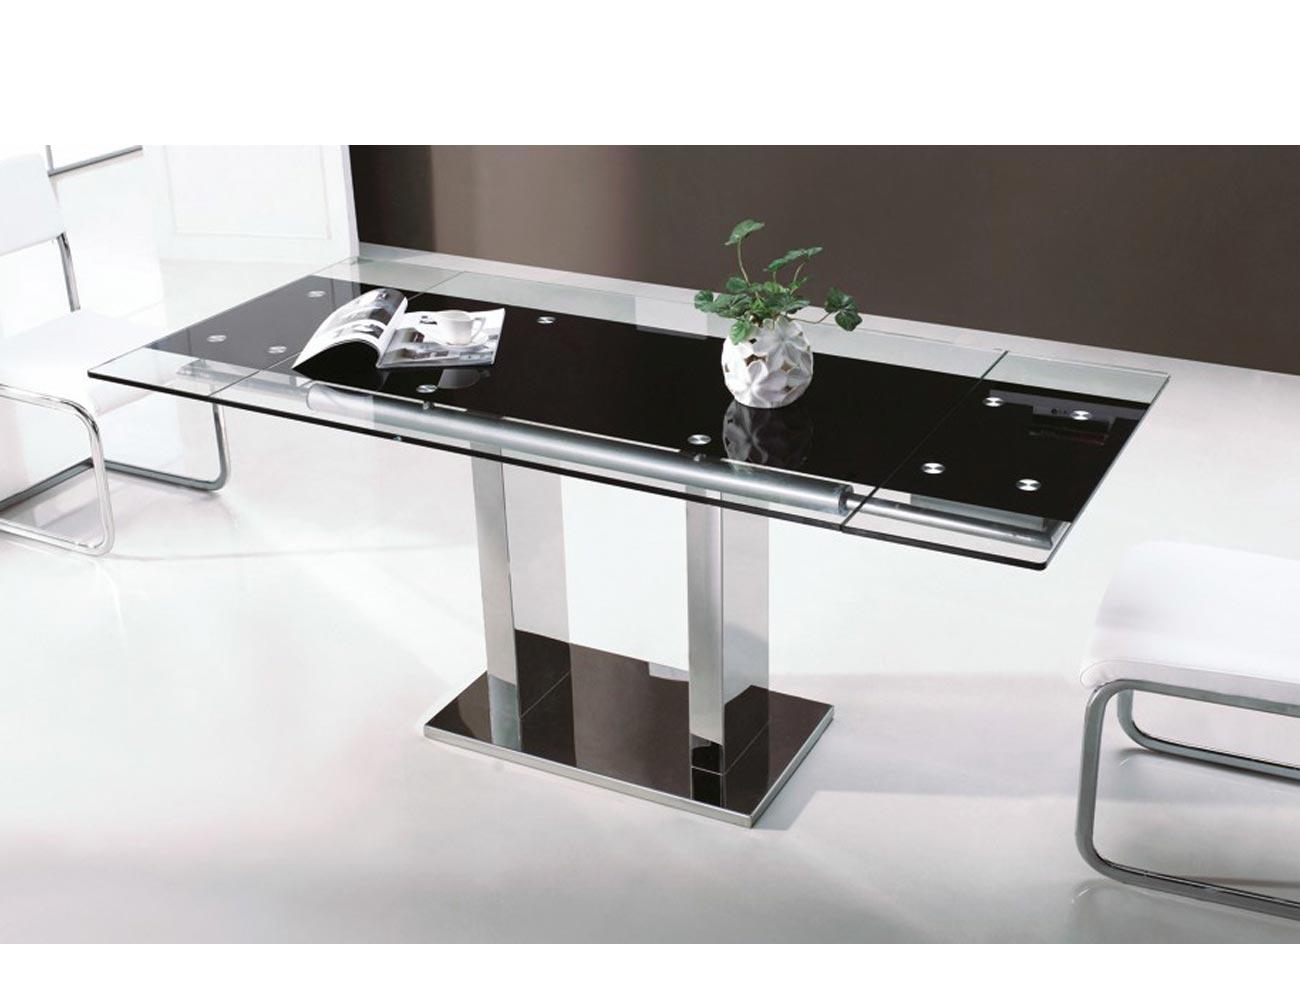 Mesa de comedor de cristal templado extensible 120 180 - Mesa de comedor cristal ...